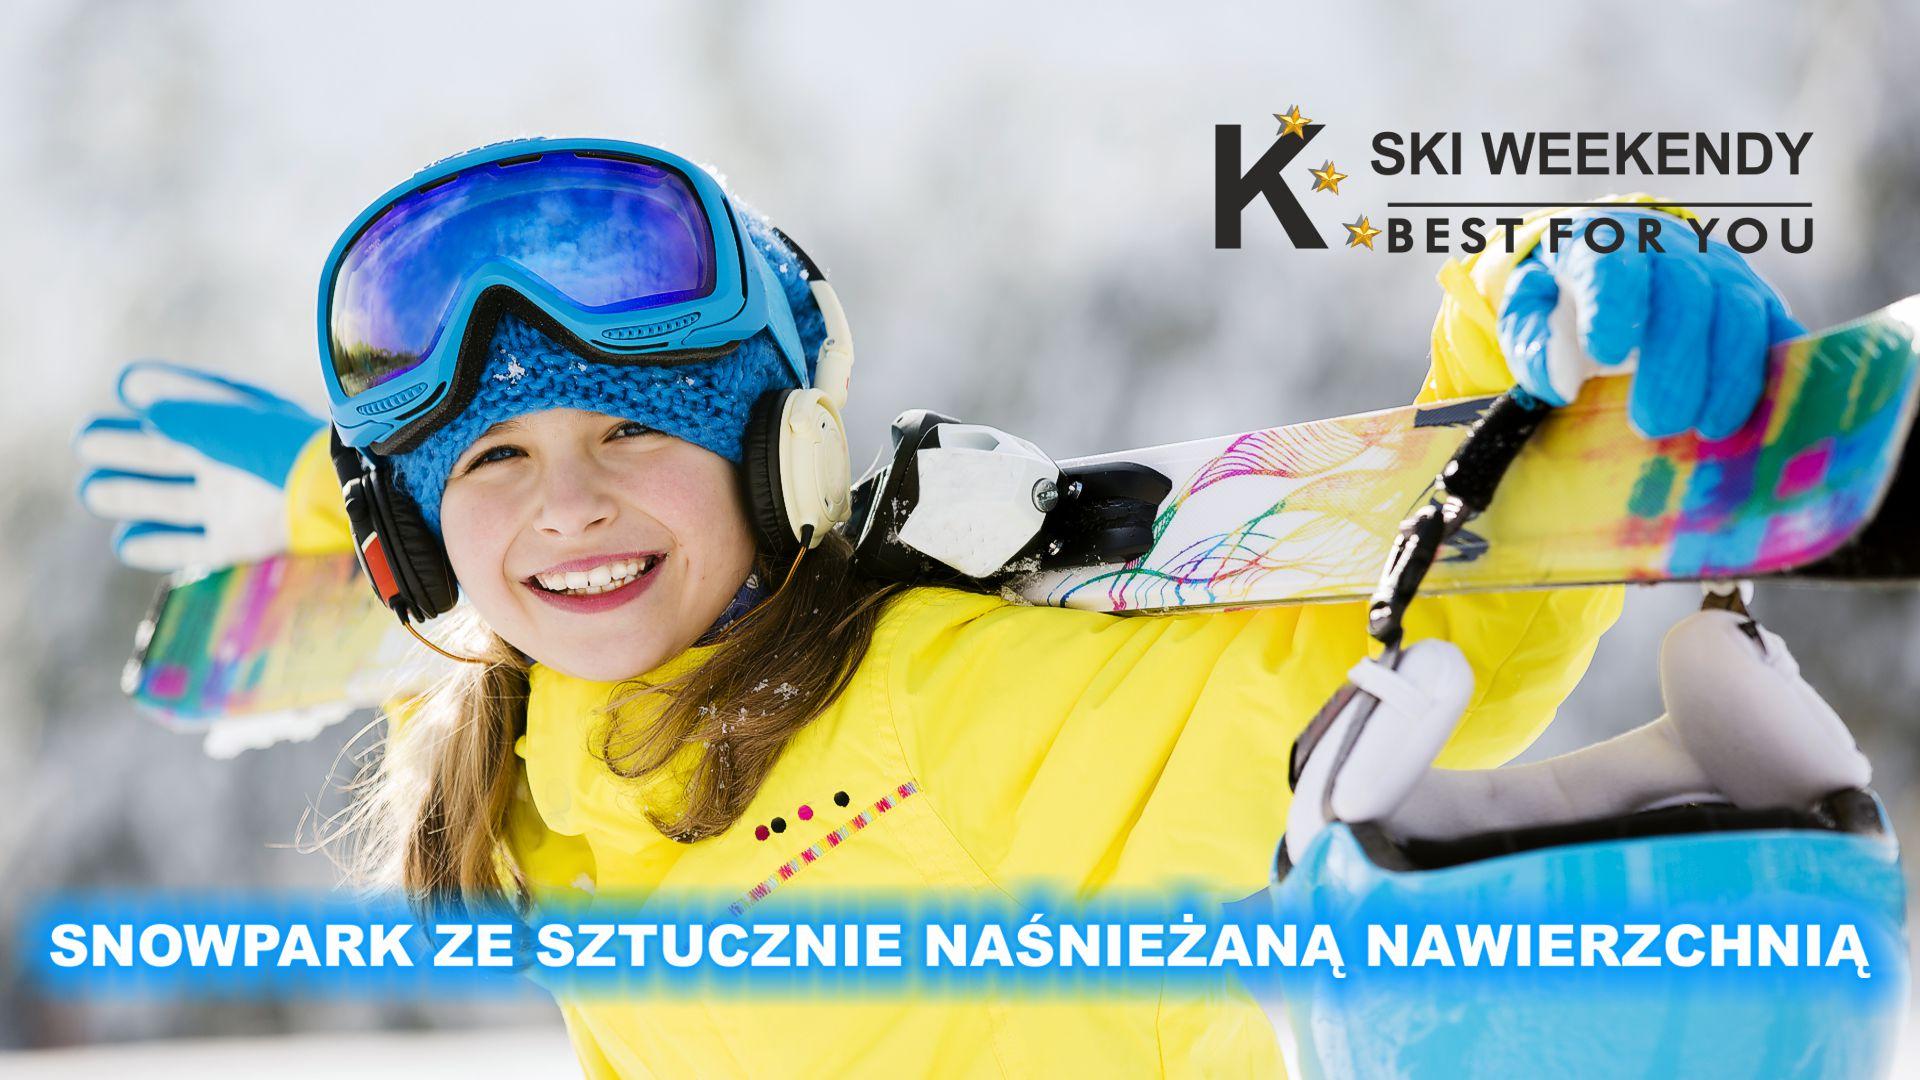 SkiSlider